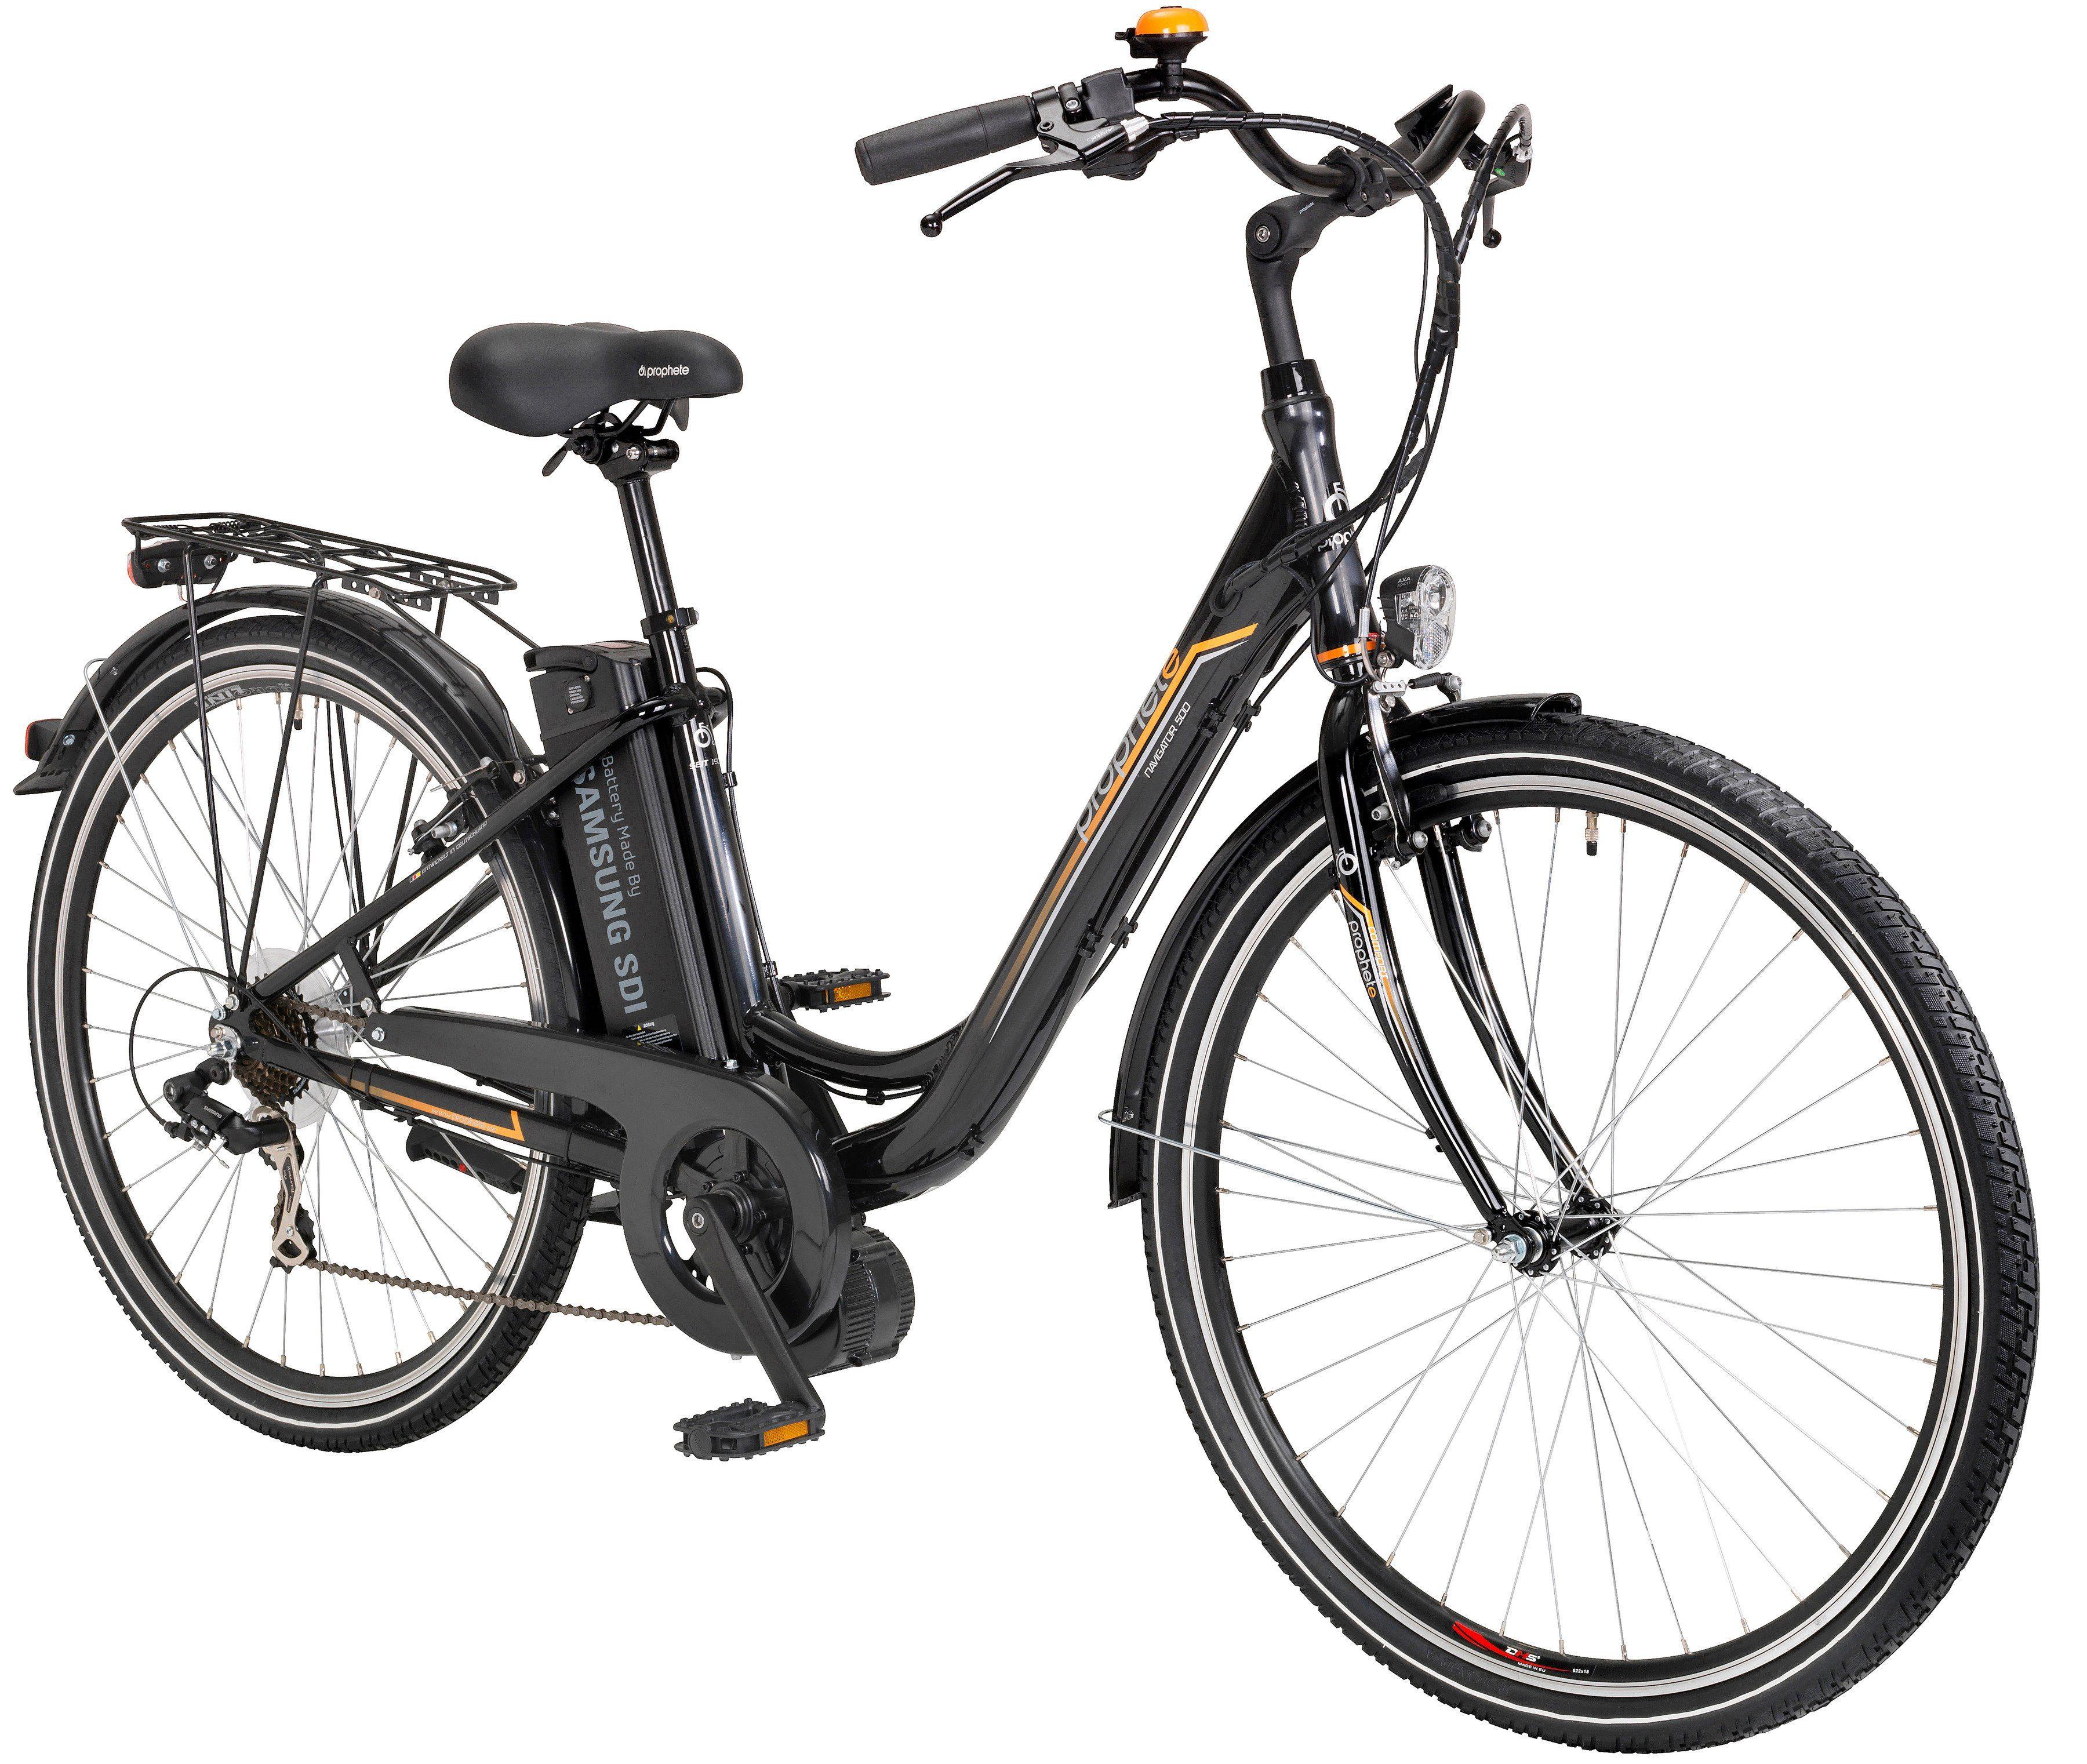 PROPHETE E-Bike City Damen »Navigator 500«, 28 Zoll, 7 Gang, Mittelmotor, 360 Wh